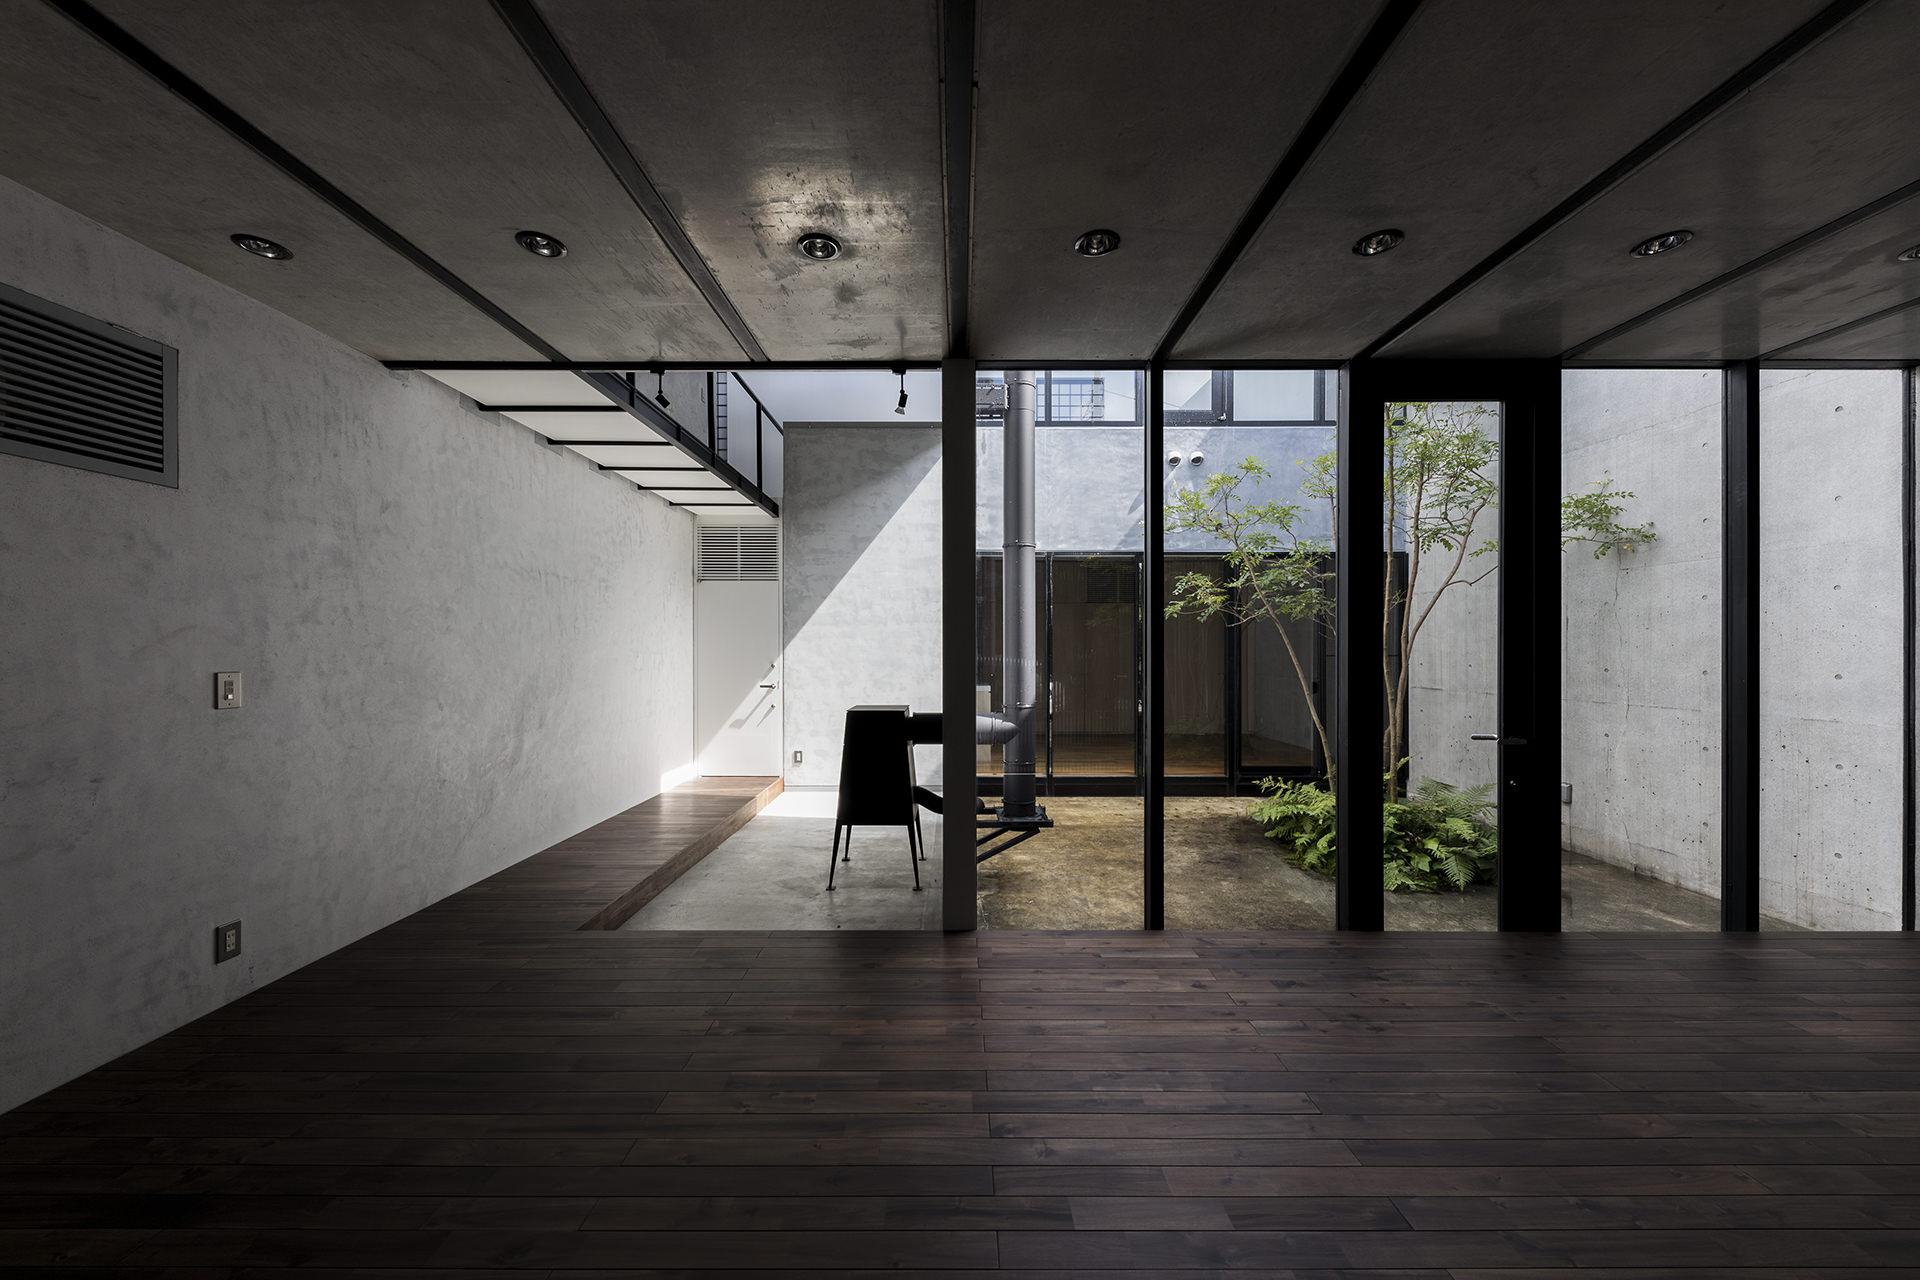 北鎌倉の家 イメージ1 撮影:東涌写真事務所・東涌宏和